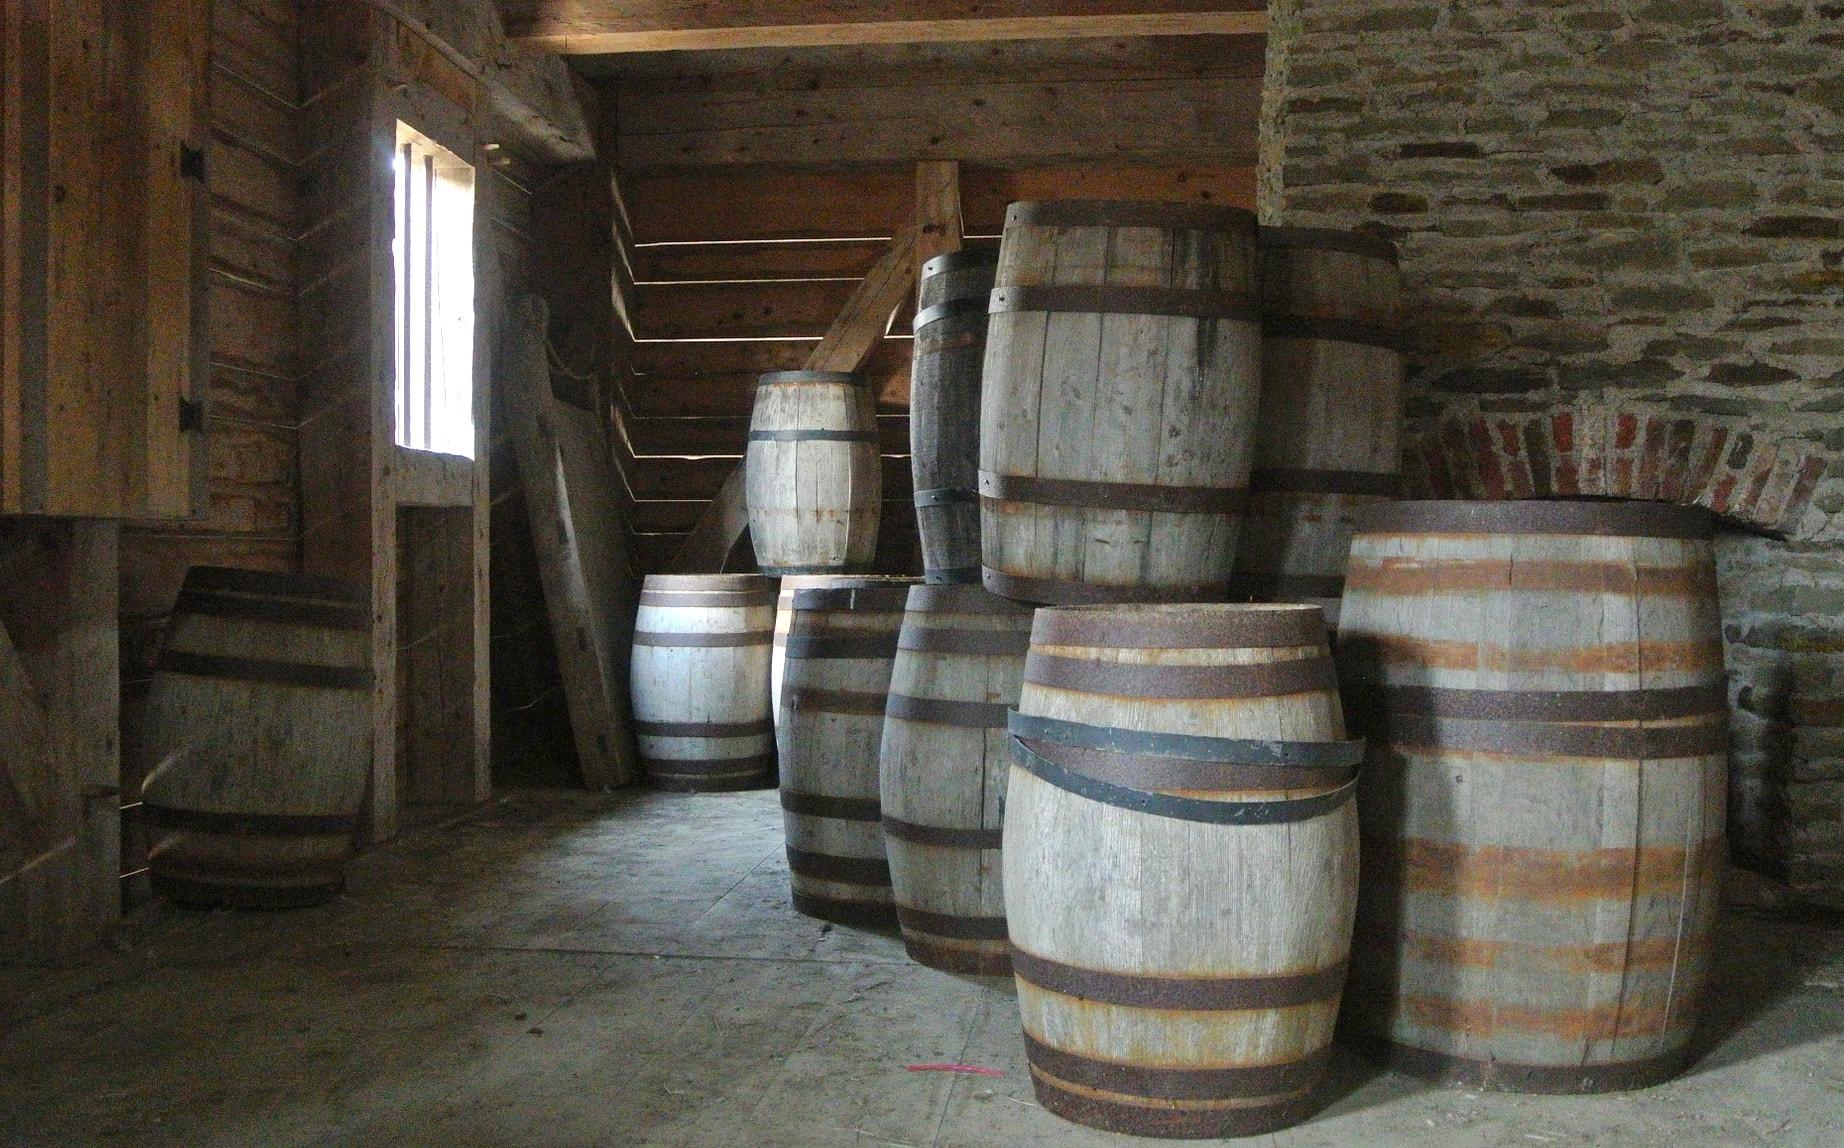 Der Rhum Agricole lagert auf Martinique in Eichenfässer, bis er in Flaschen abgefüllt wird und in den Verkauf geht.